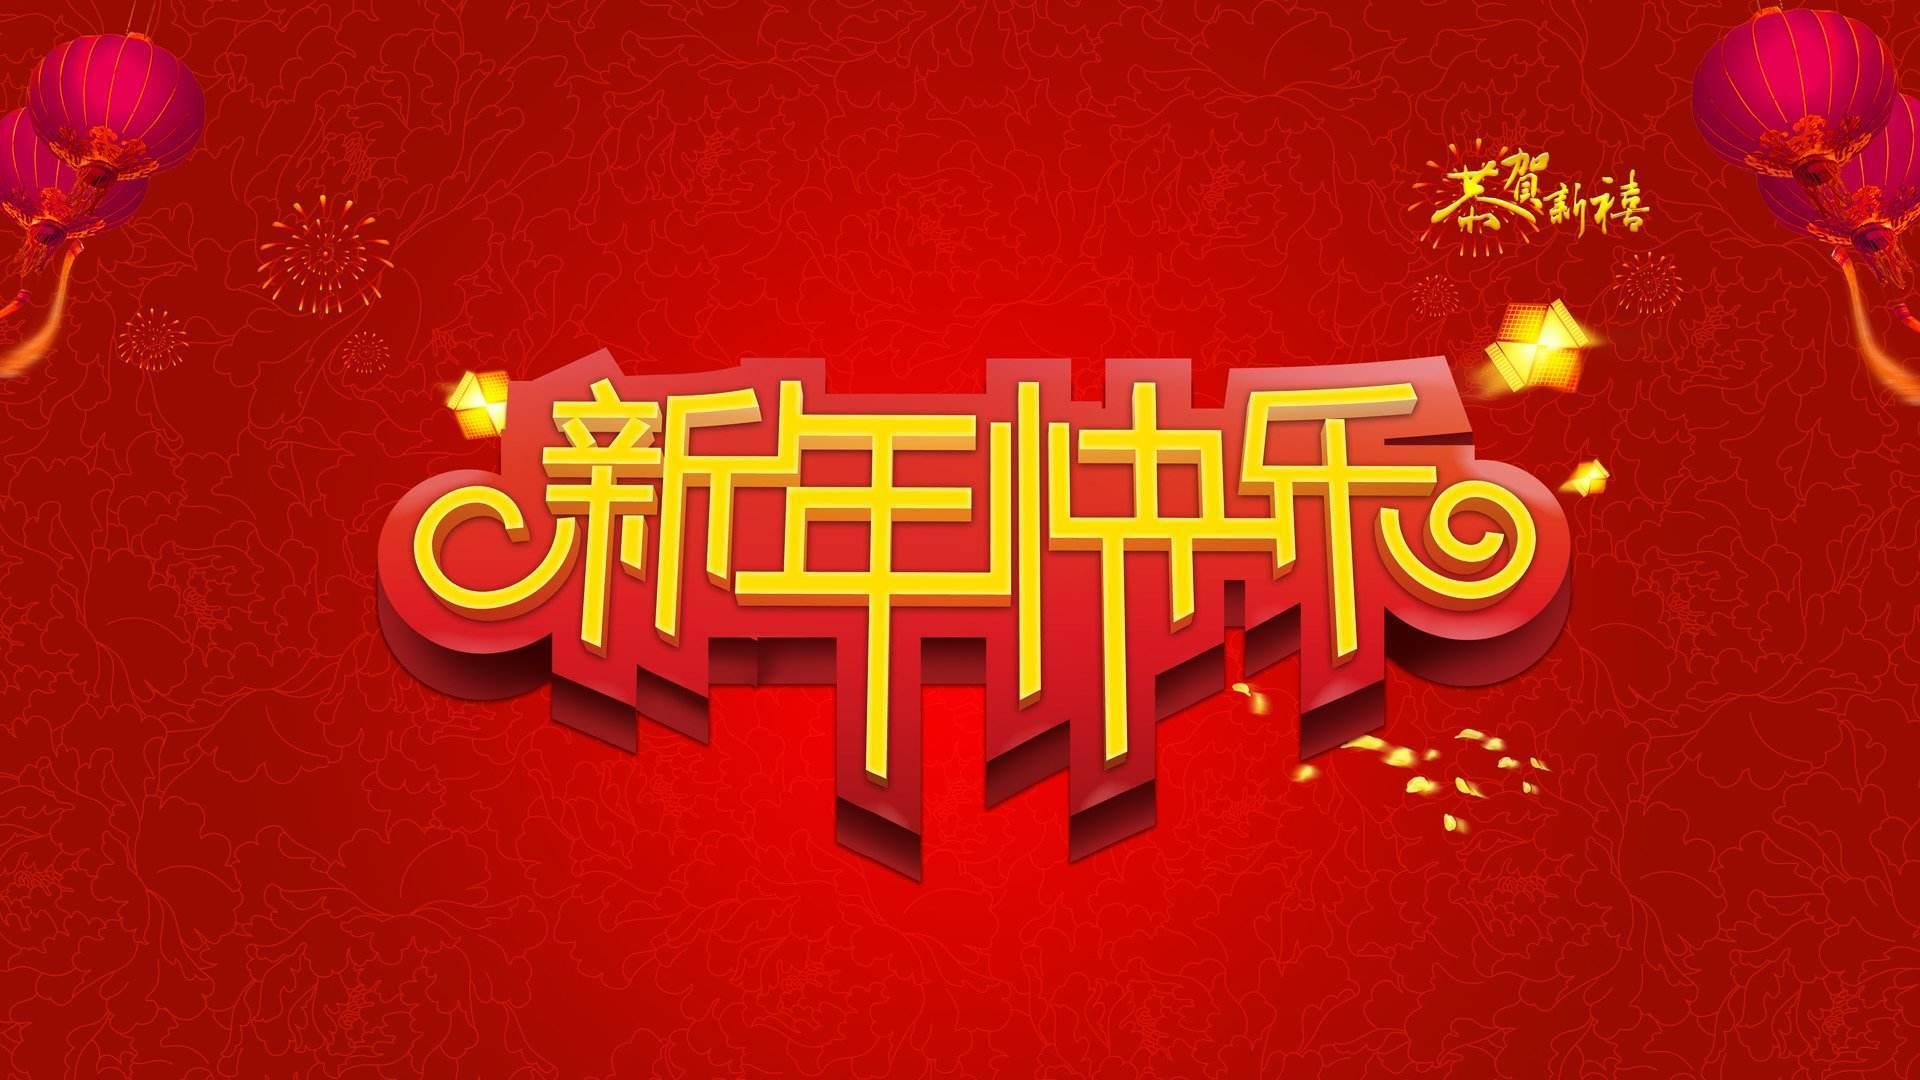 2019猪年元旦祝福语大全